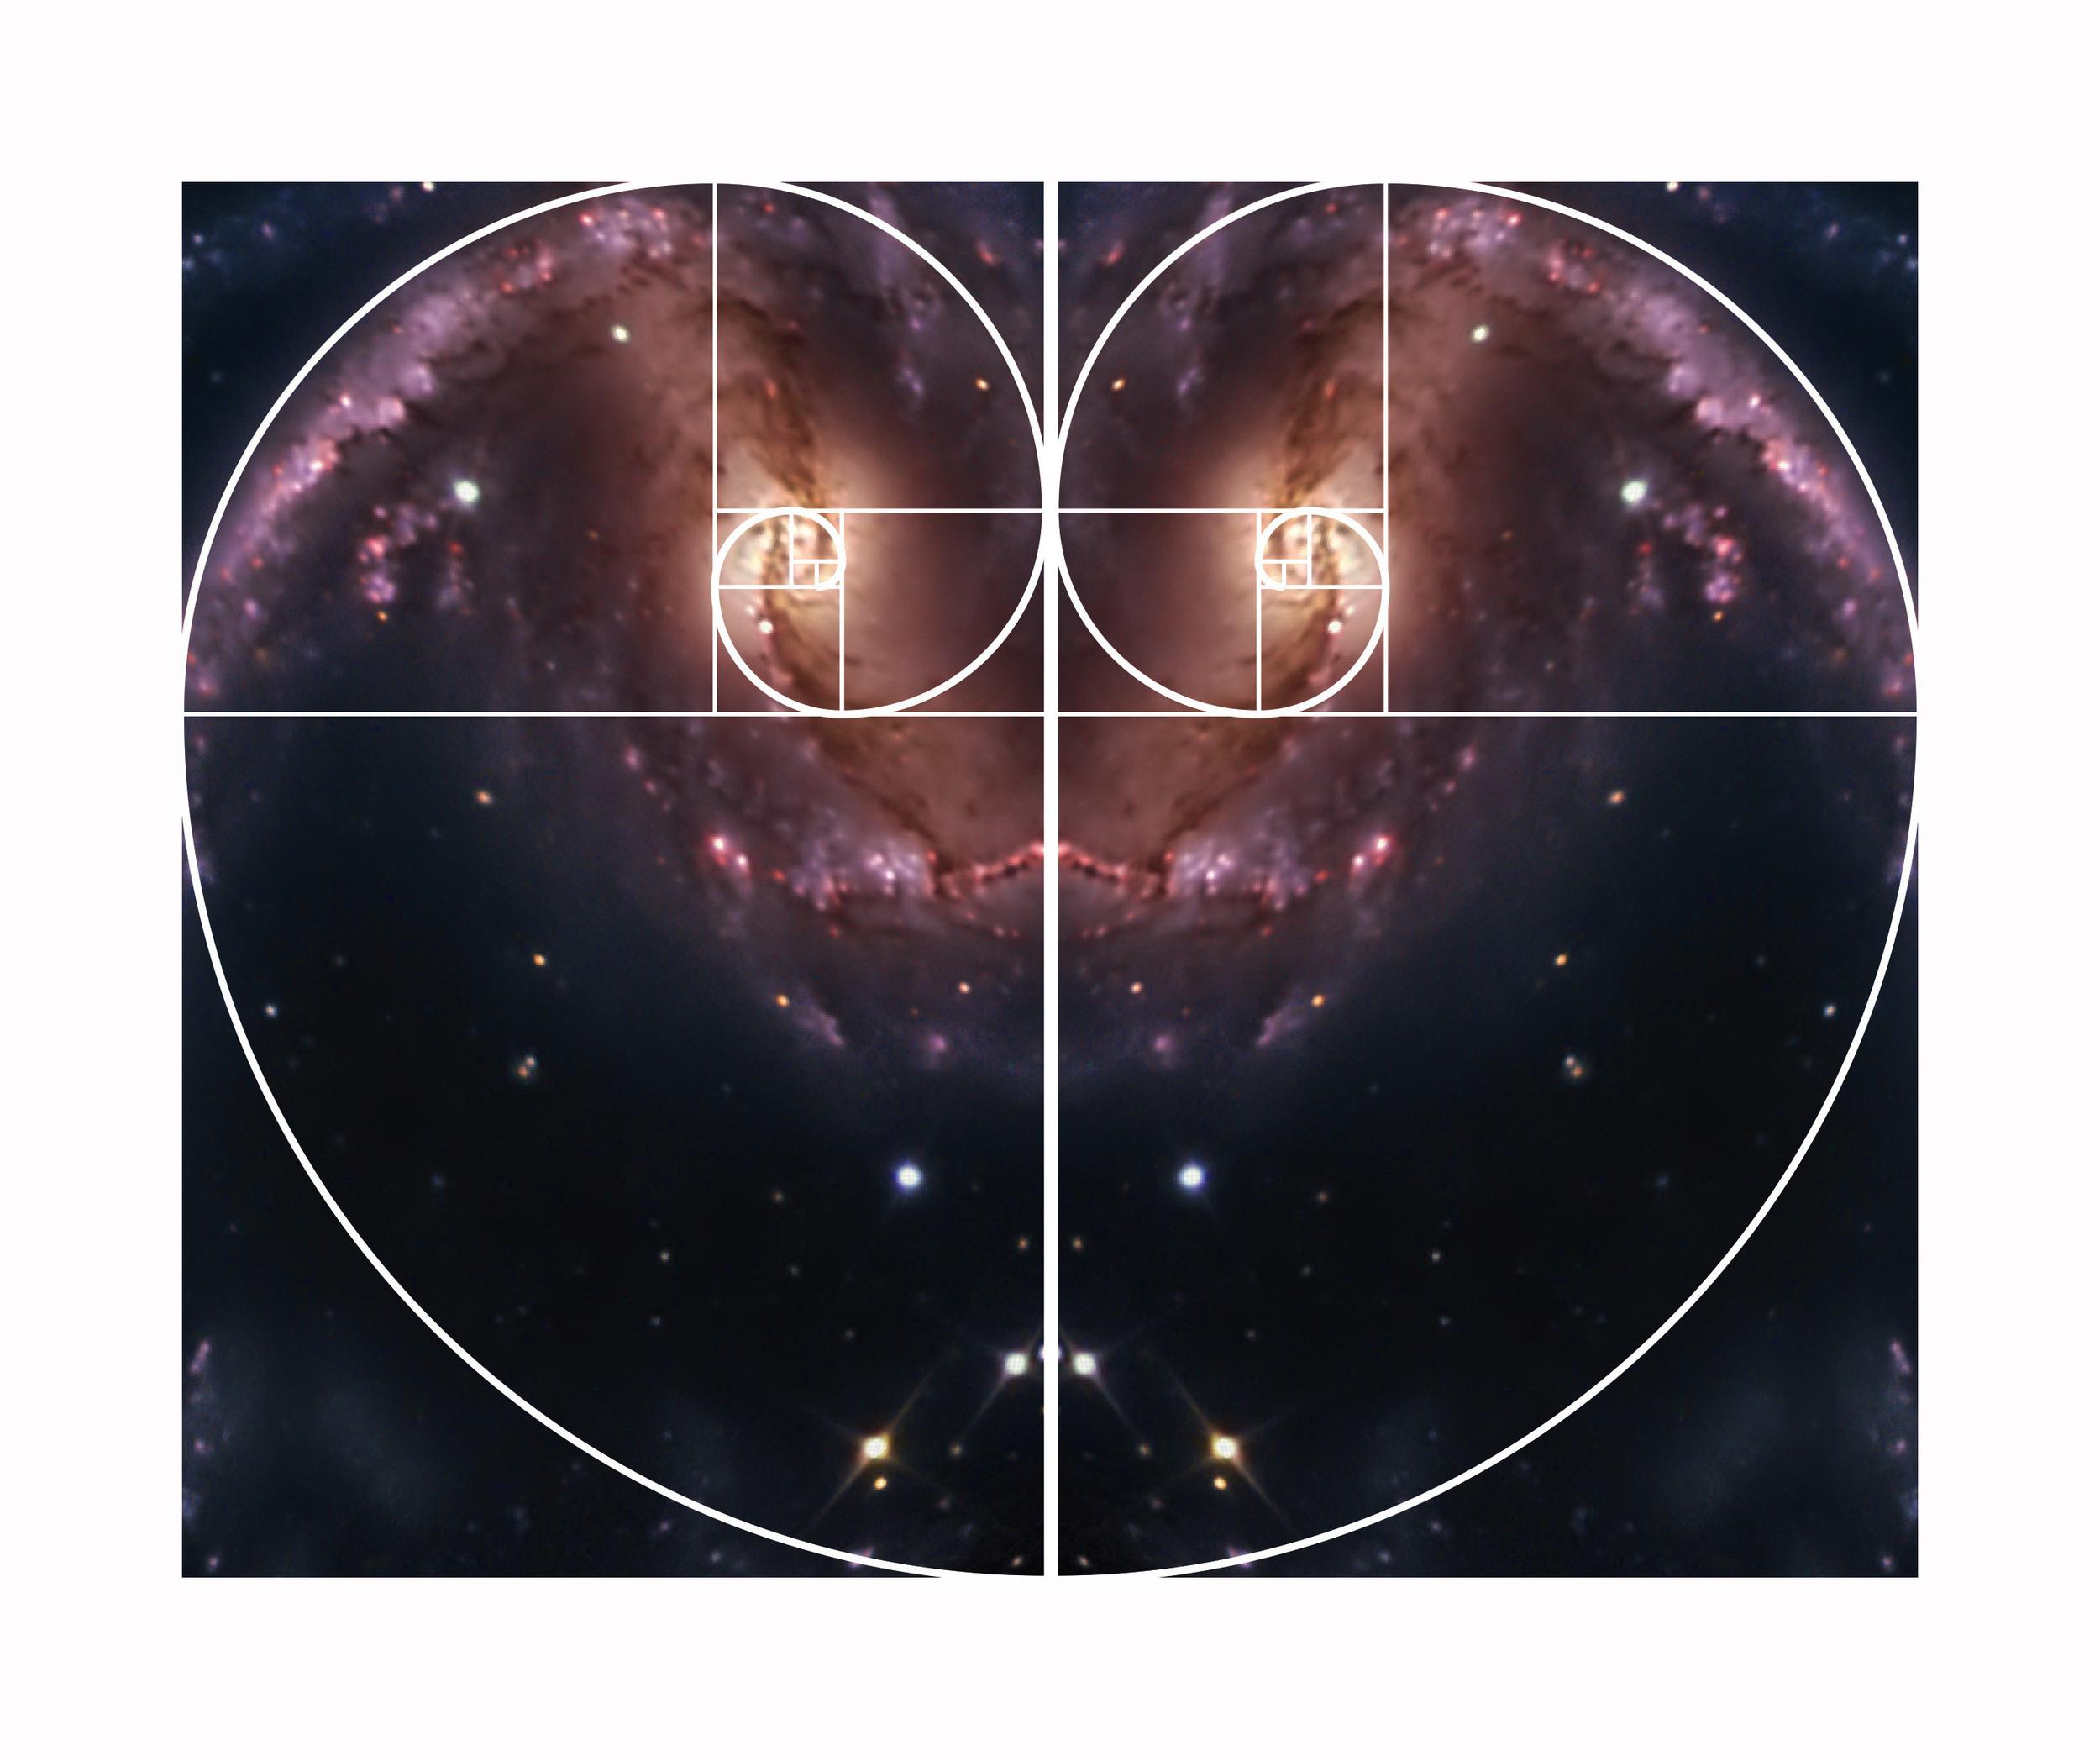 NGC 986